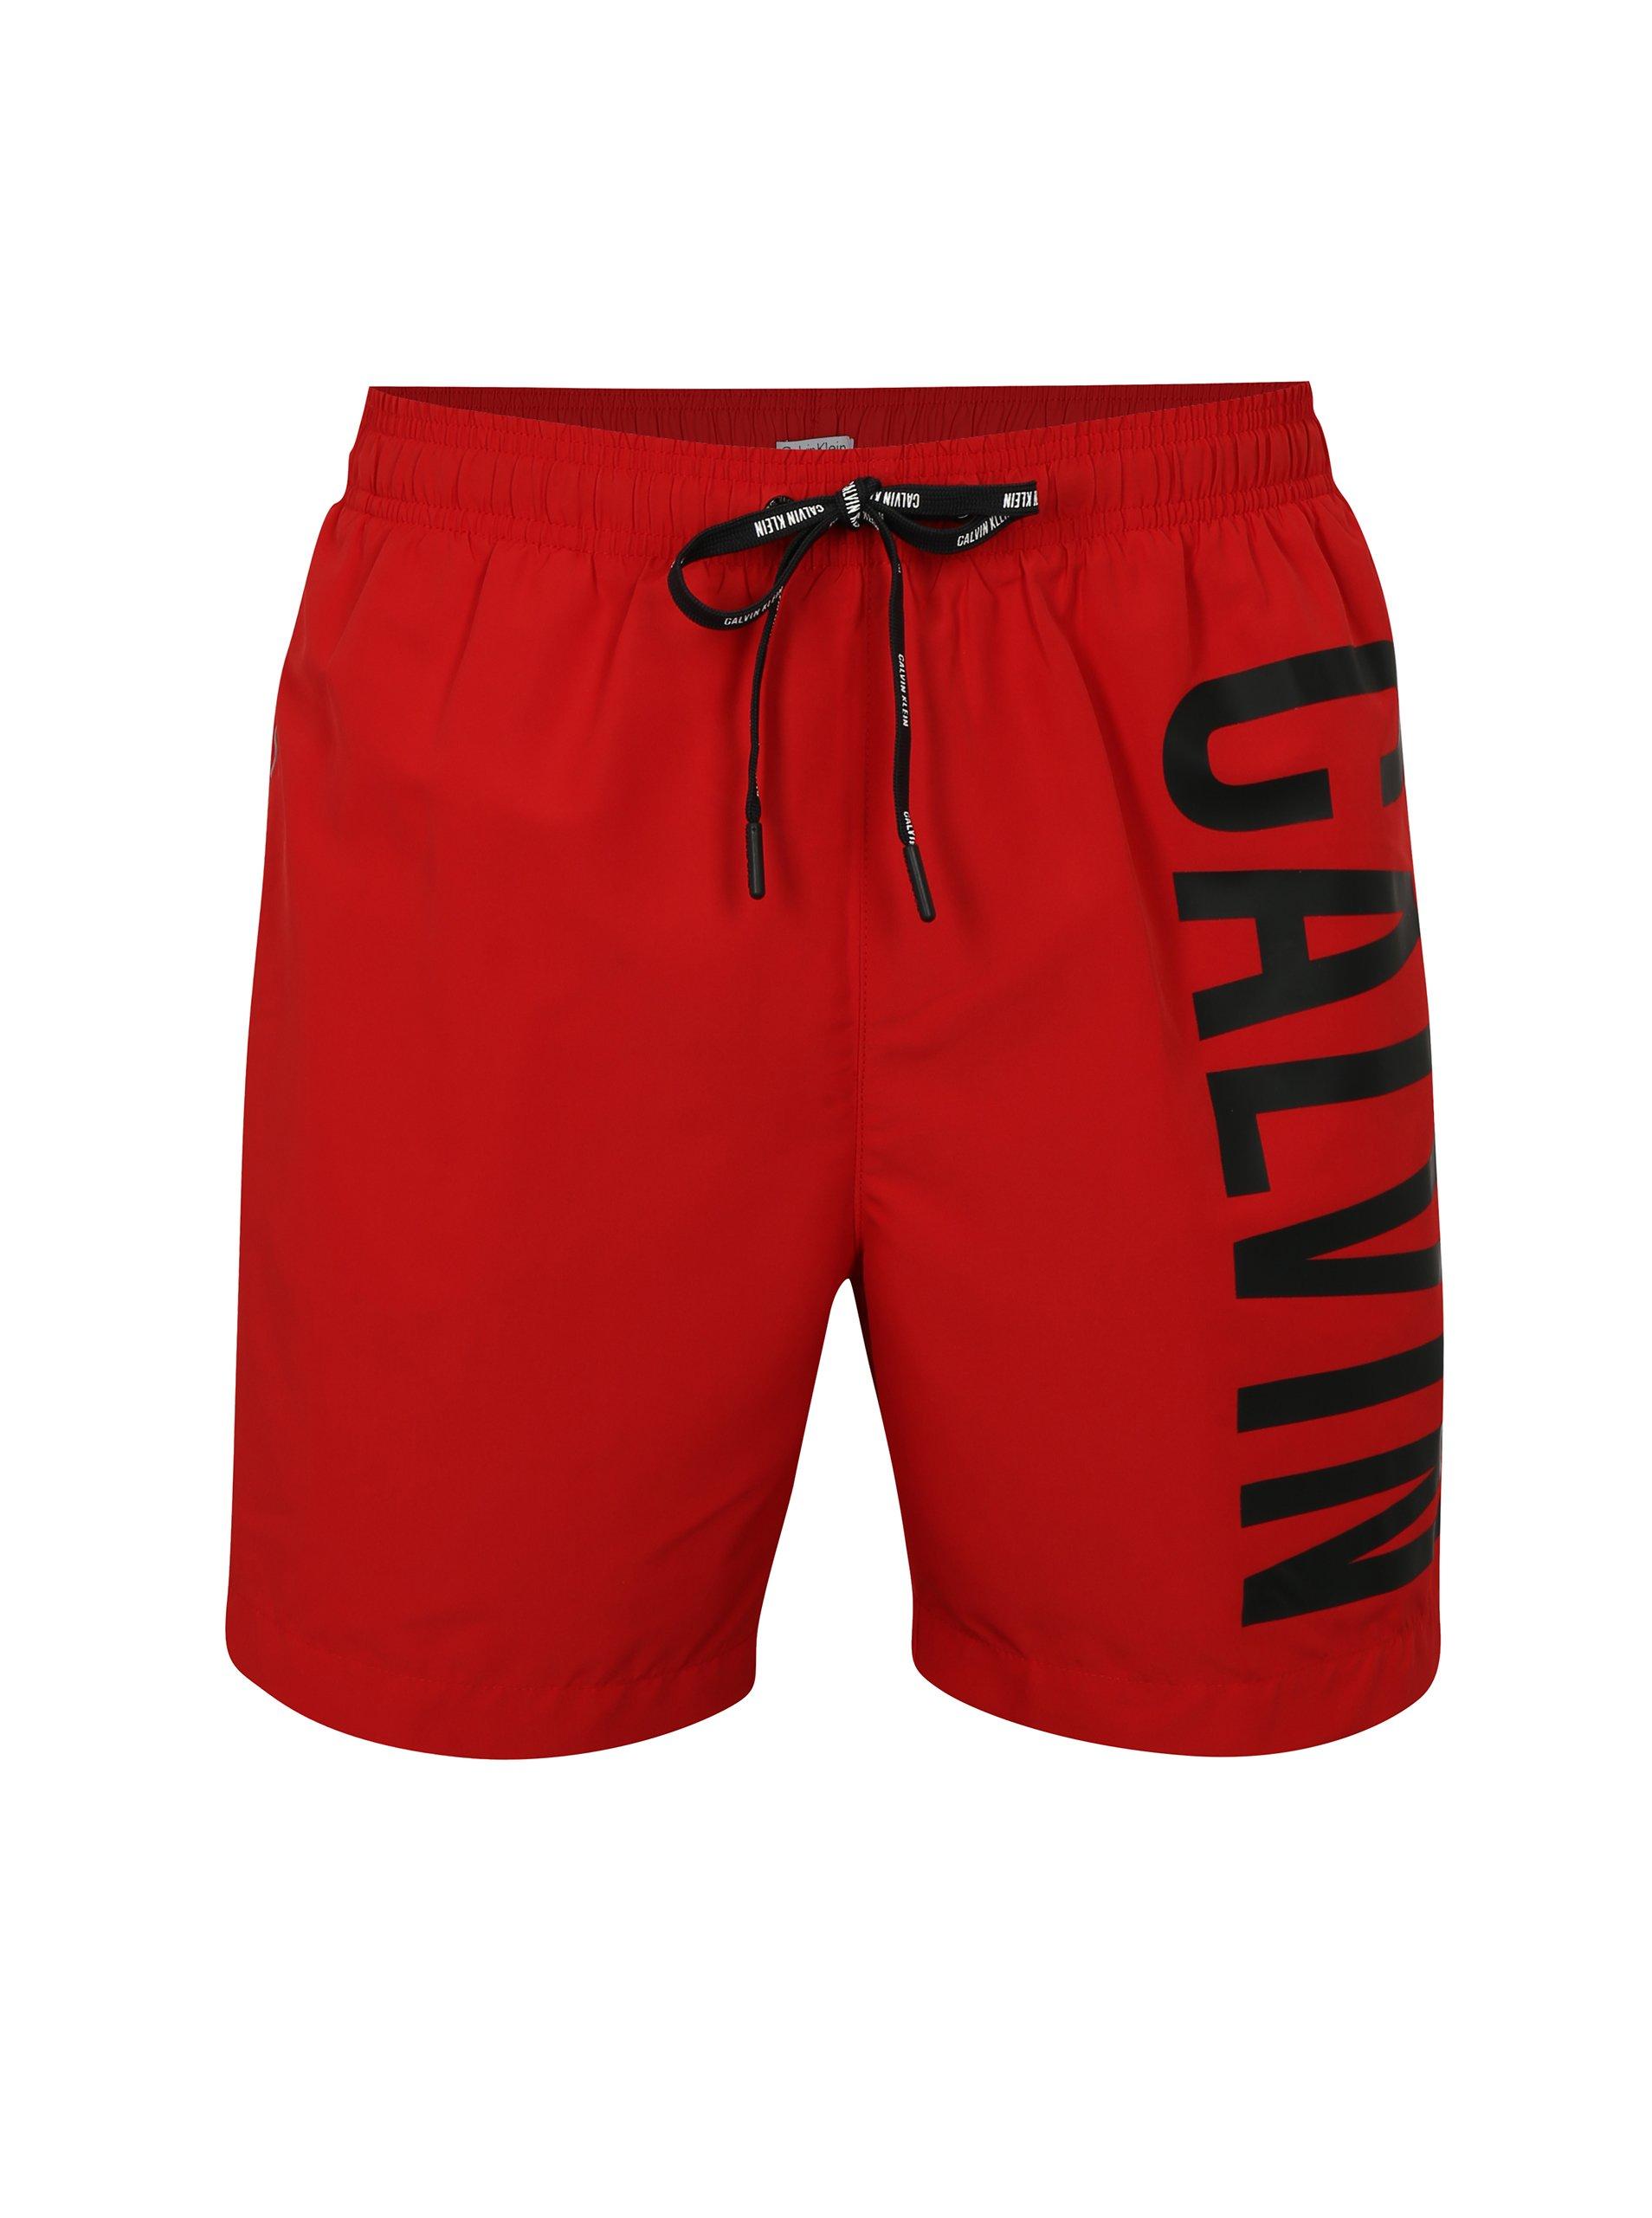 0f77942fa Červené pánske plavky Calvin Klein | Moda.sk